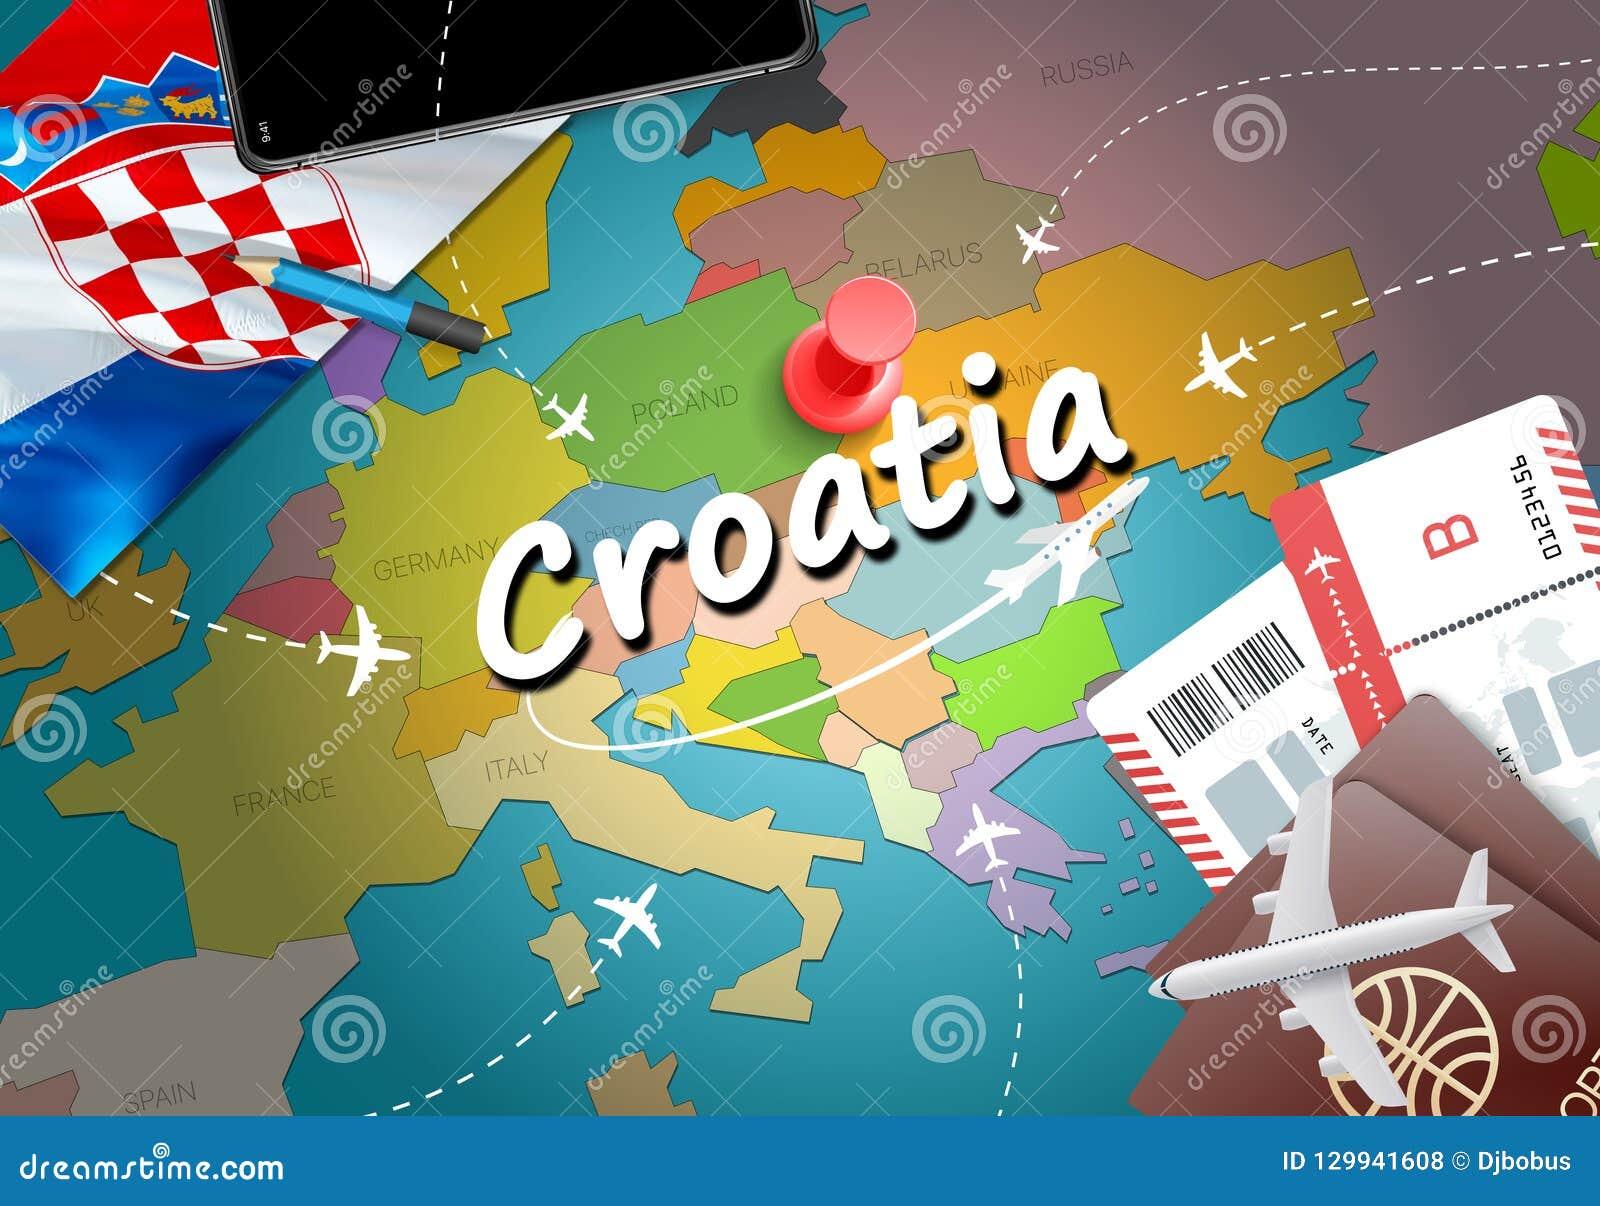 Fond De Carte Concept Voyage La Croatie Avec Des Avions Billets Visite Et Destination Tourisme Drapeau